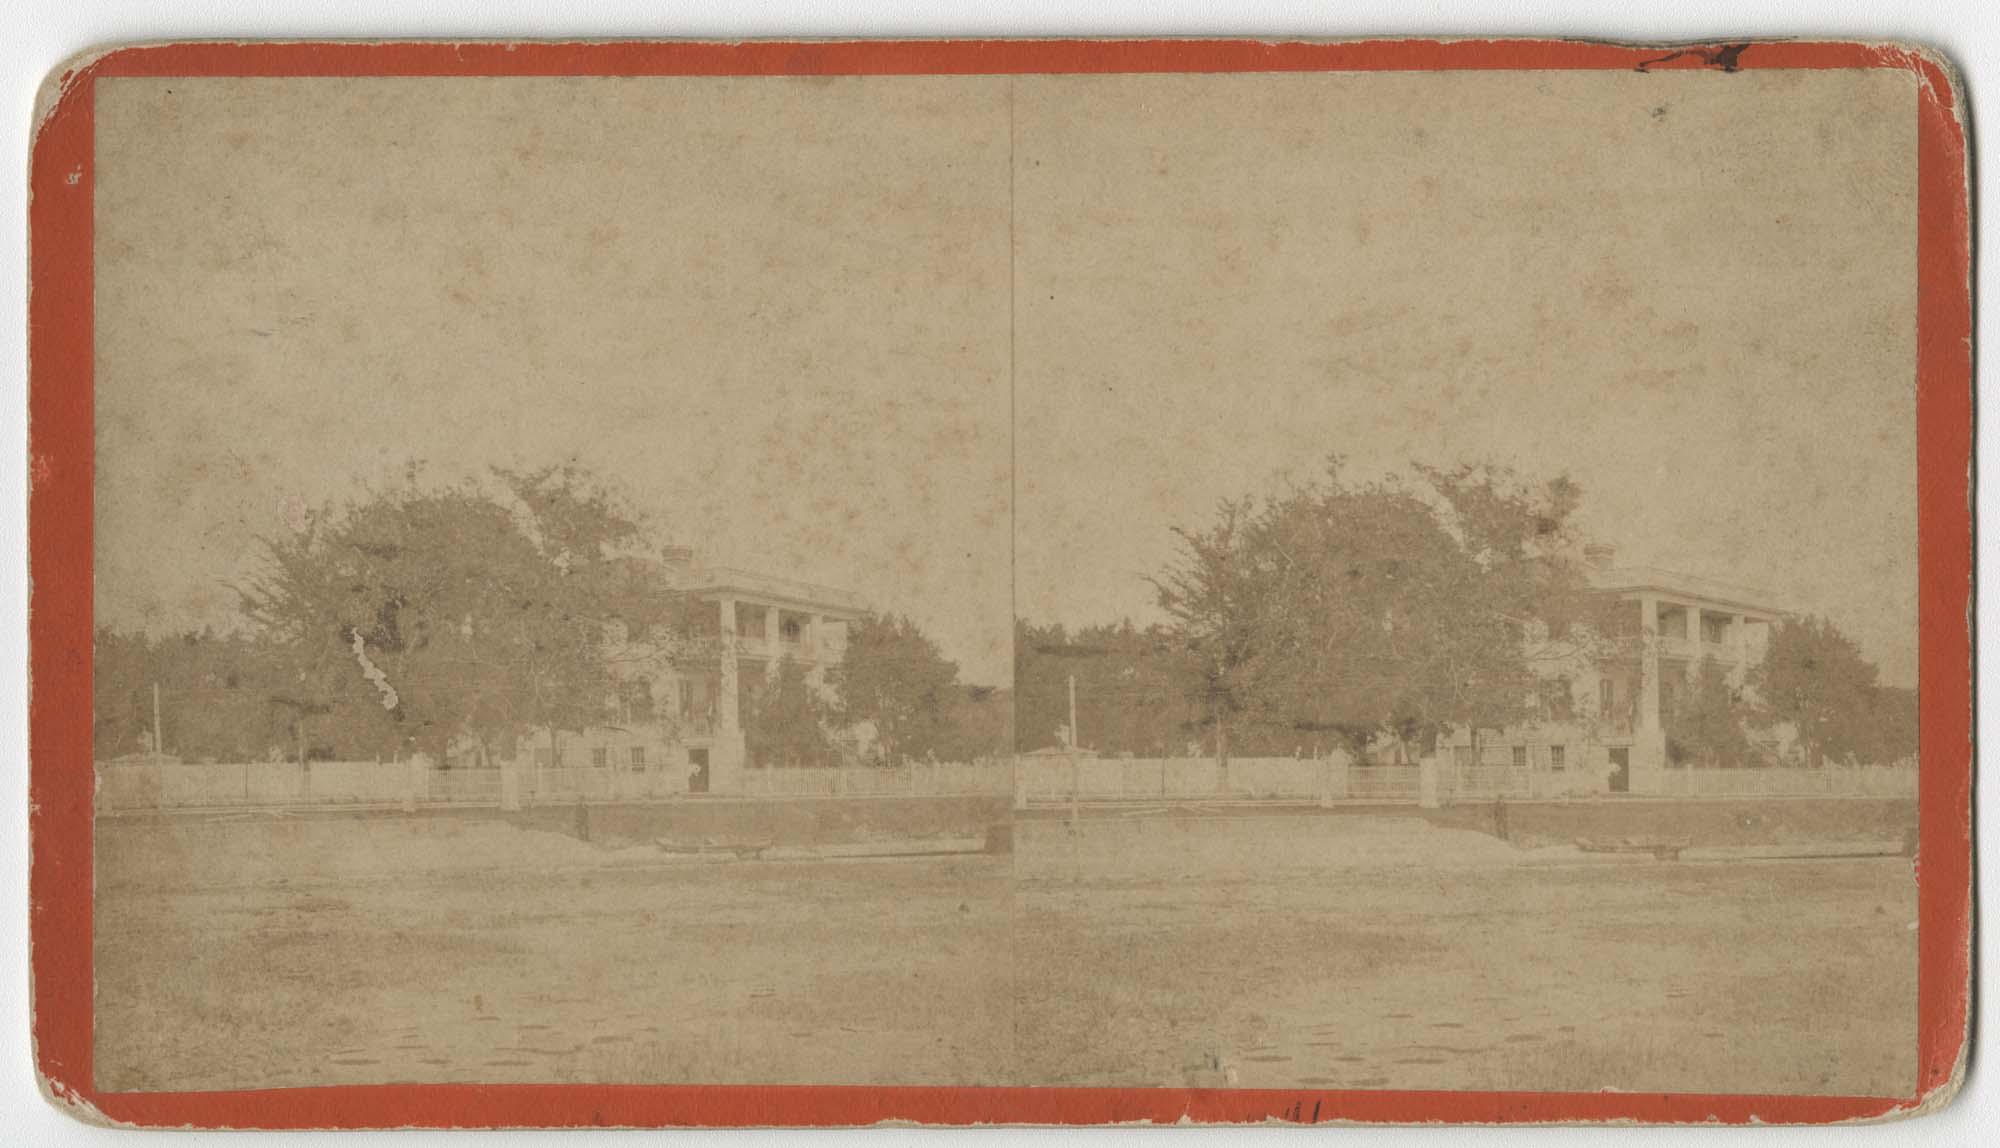 Hospital No. 15